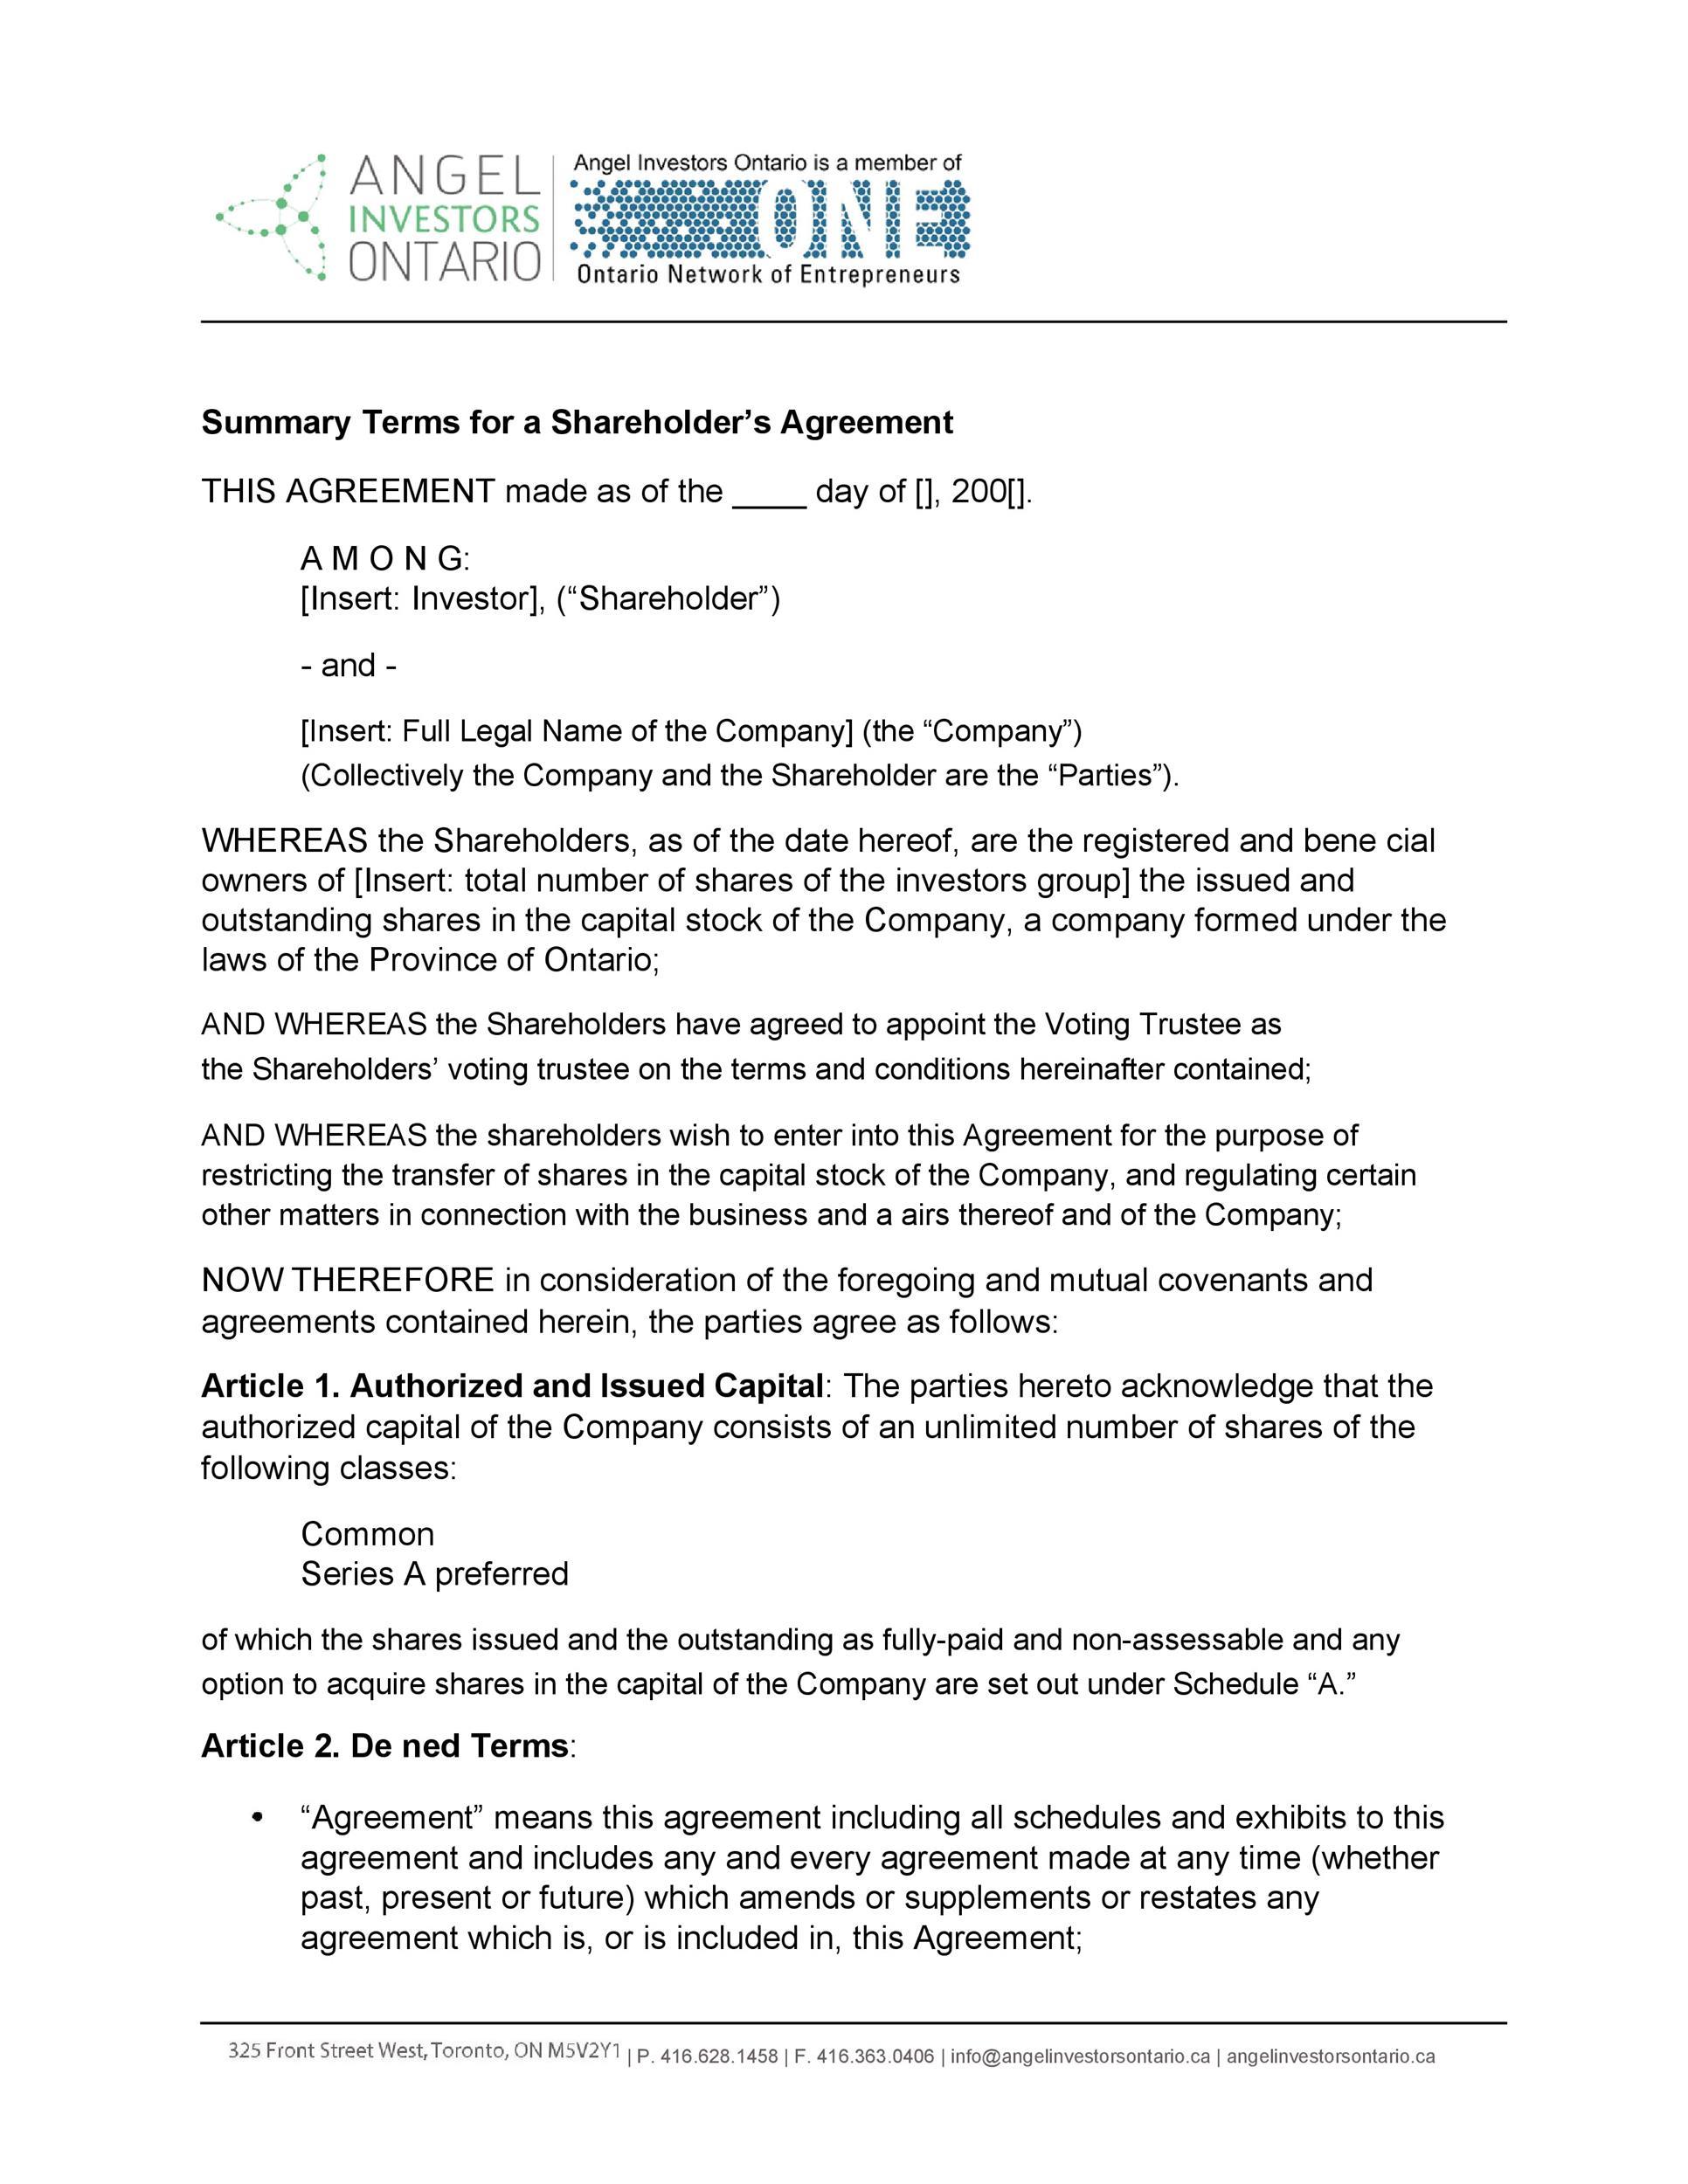 Free shareholder agreement 15